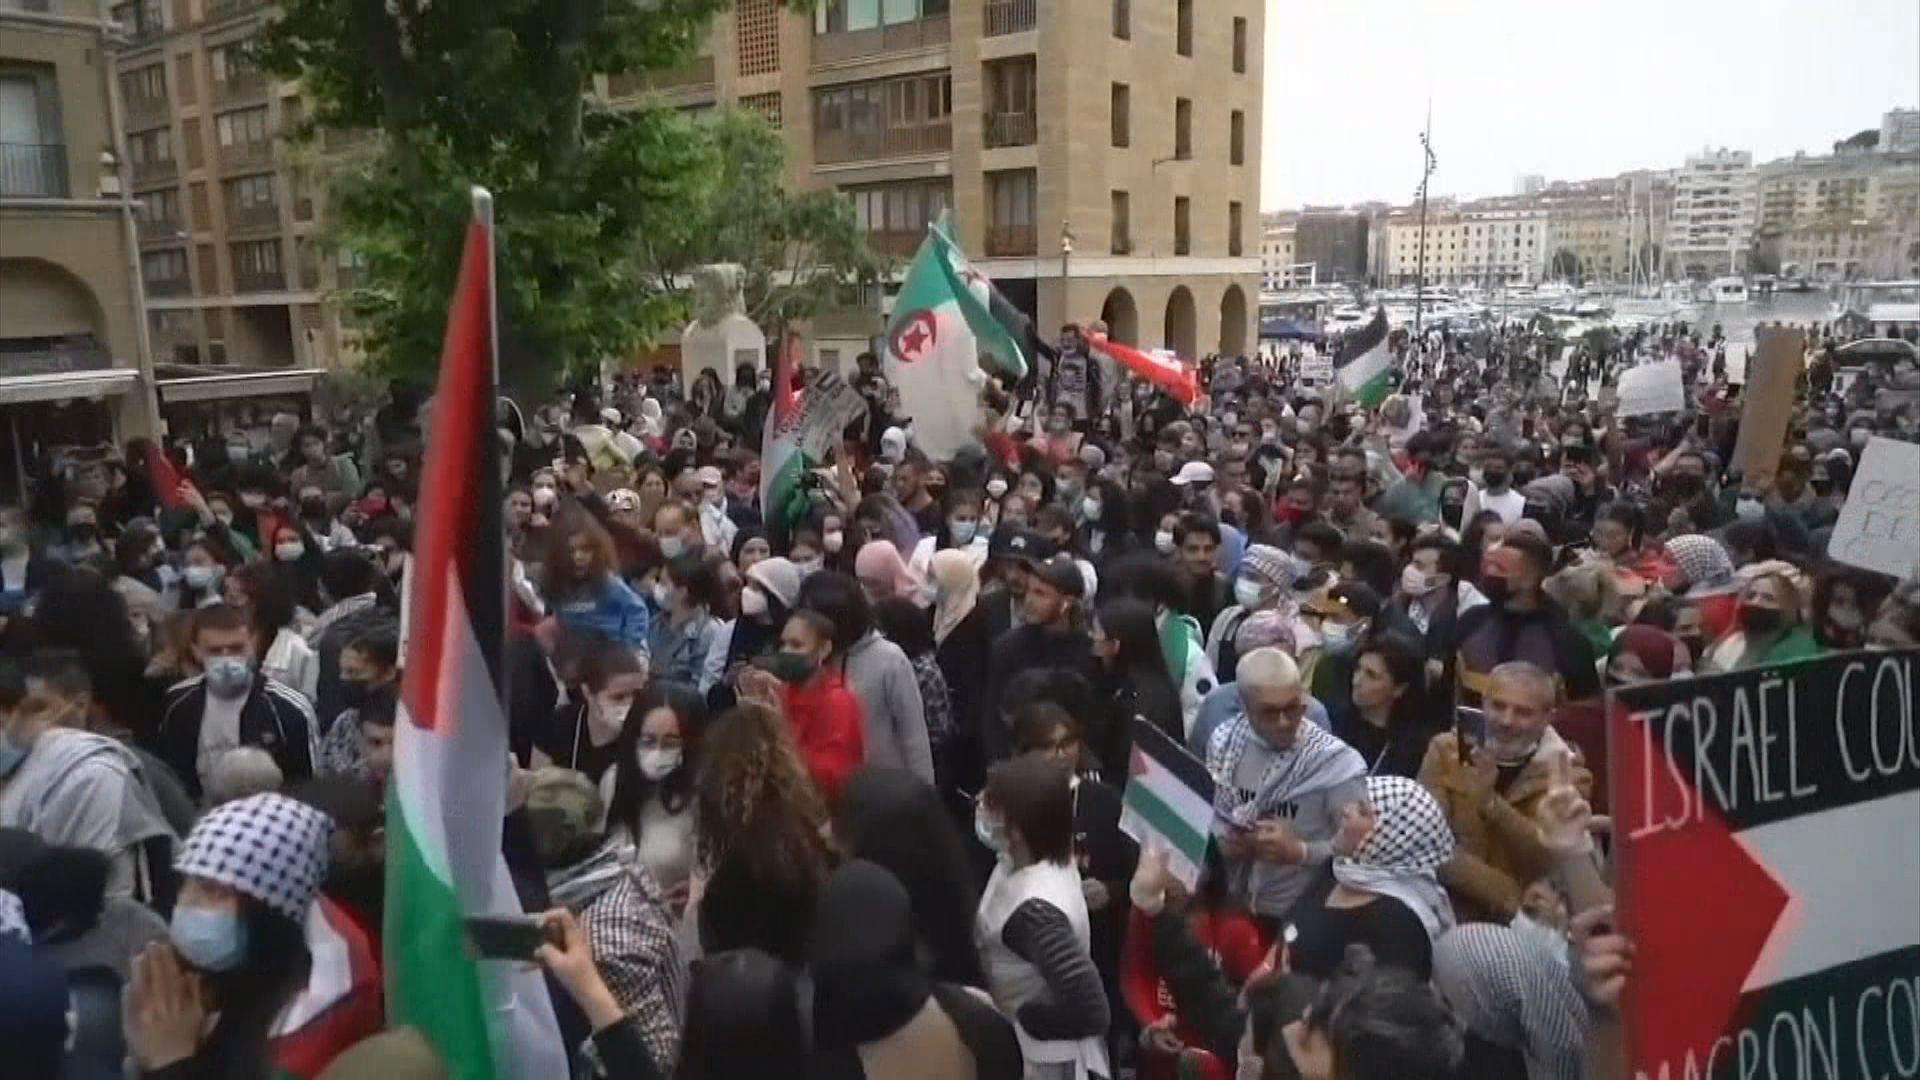 法國多個城市有示威聲援巴勒斯坦人 巴黎示威演變成警民衝突